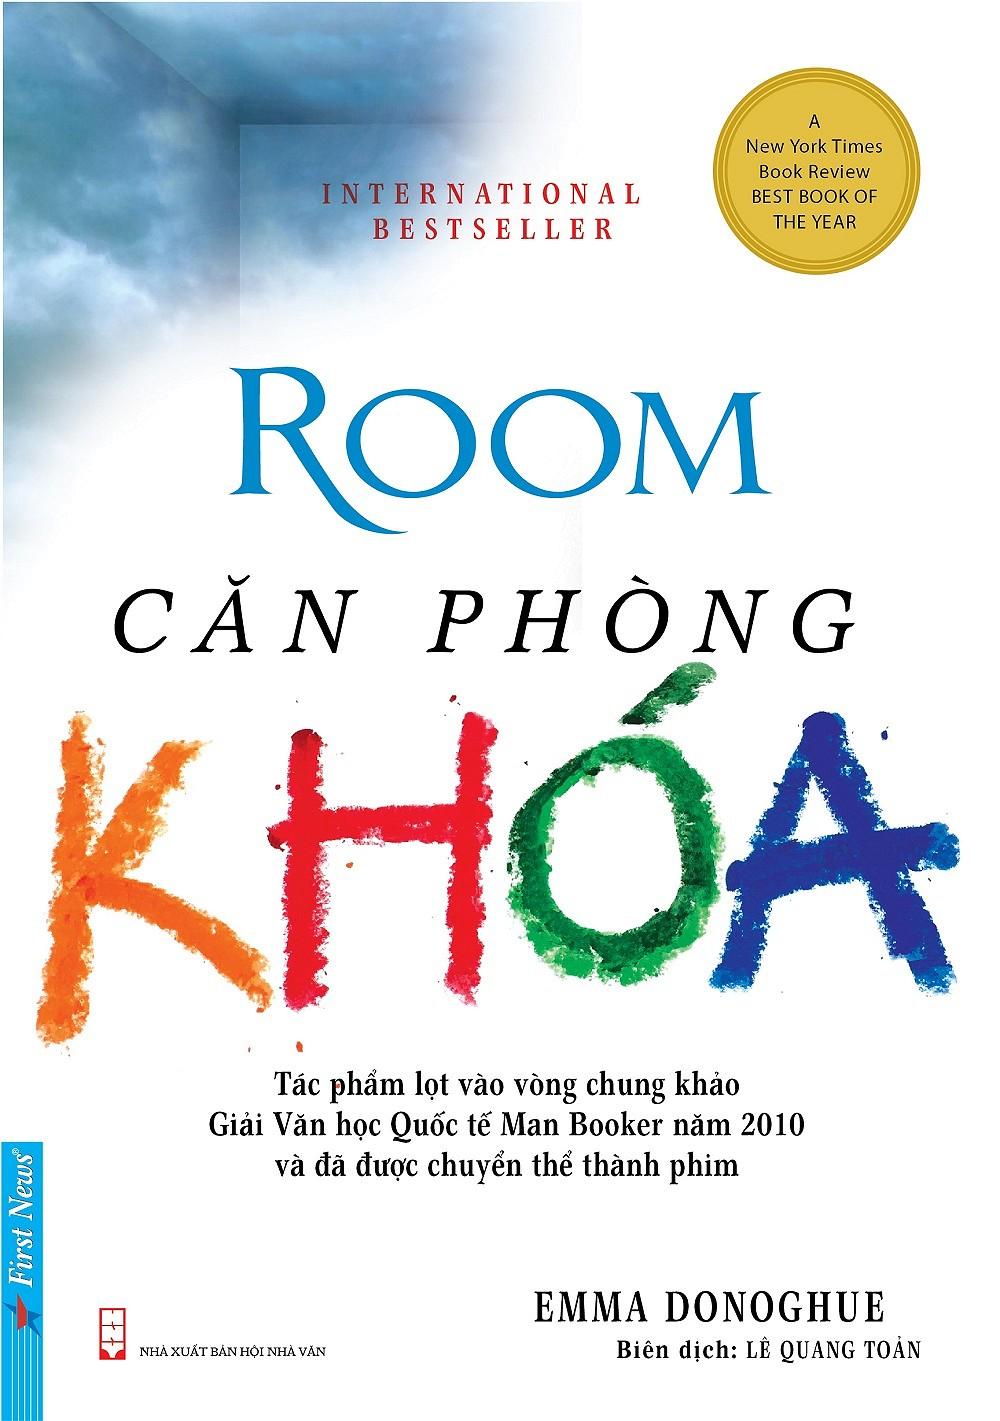 Căn Phòng Khóa (Best Book of The Year)